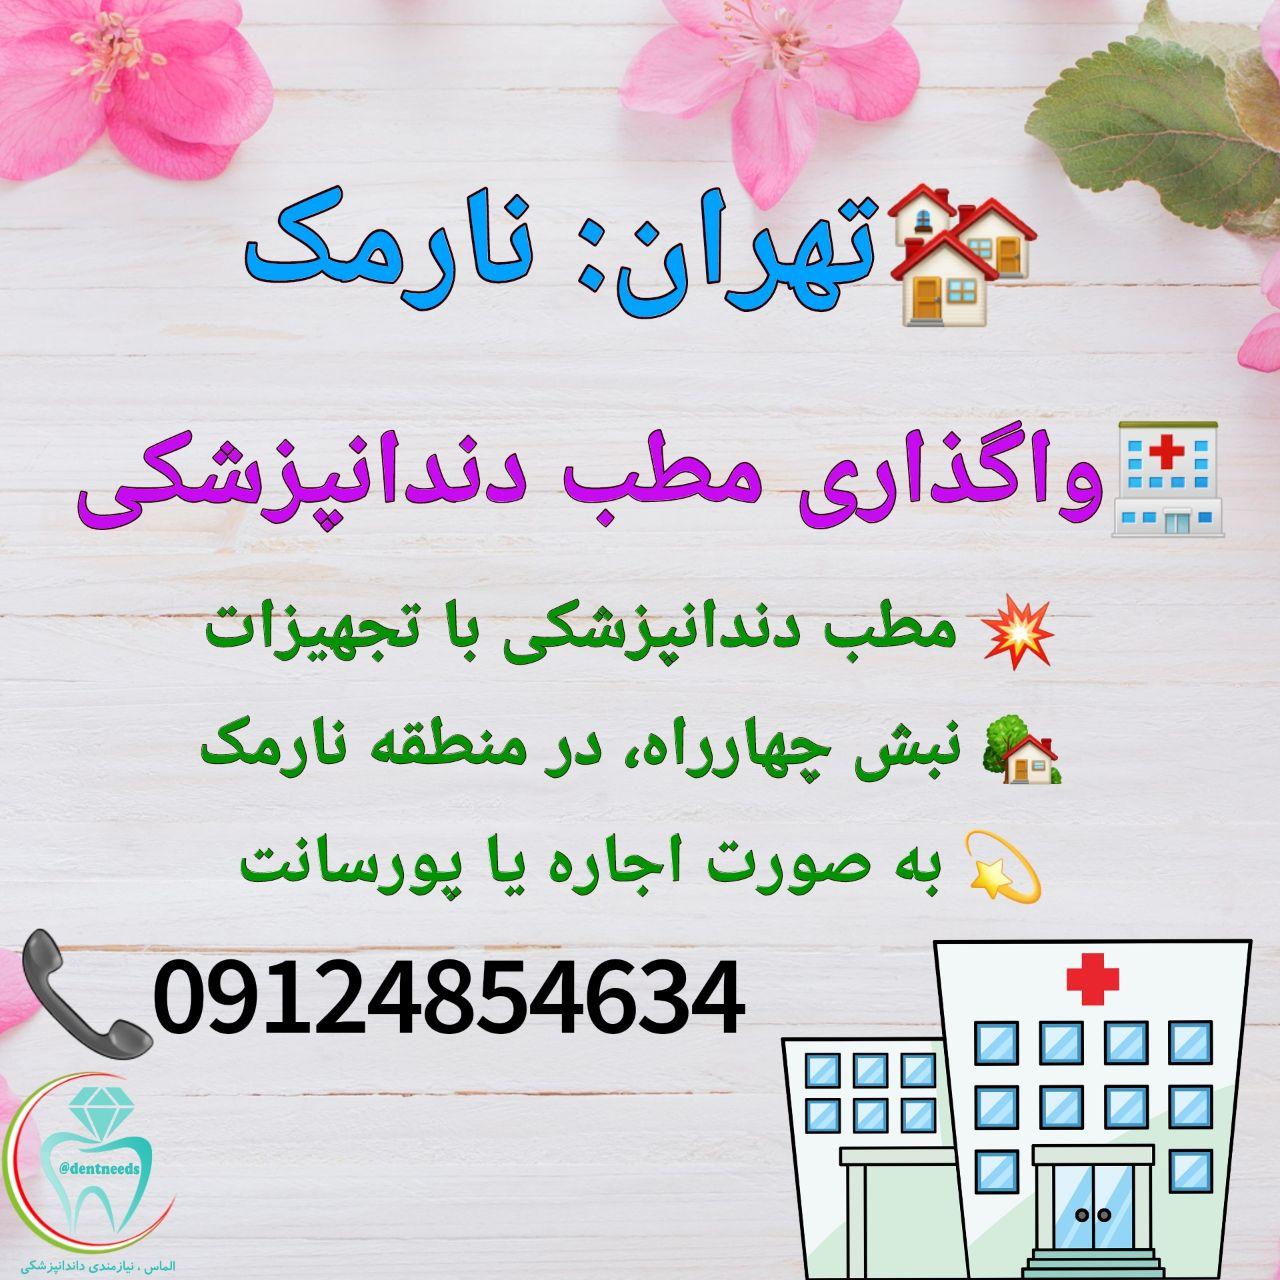 تهران: نارمک، واگذاری مطب دندانپزشکی